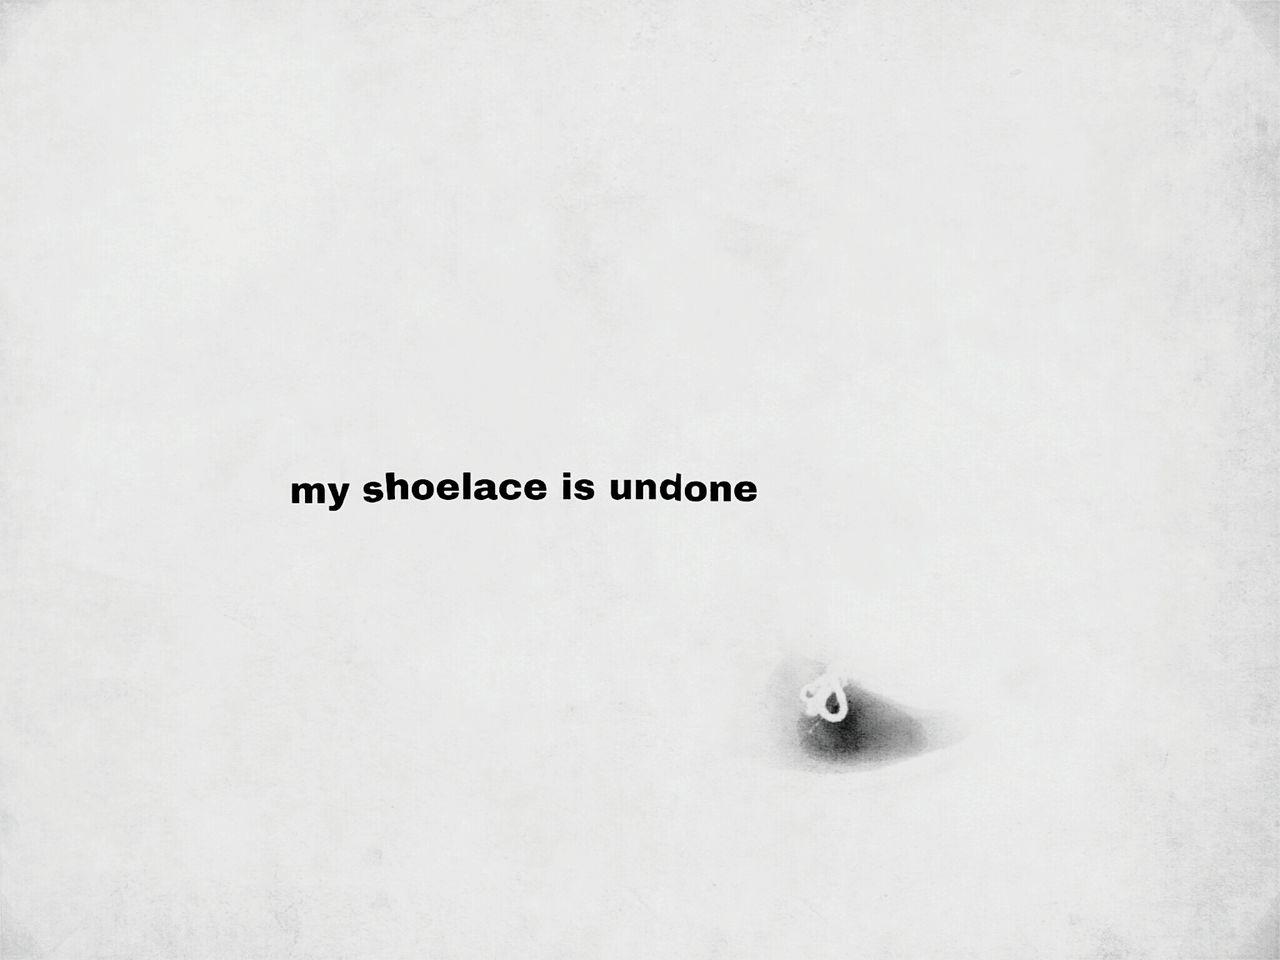 Shoes Reste Digne For See Dont Look Down Clouds And Sky Engine Comme Elle Vient Shoes ♥ Peur De Rien Doublon Look